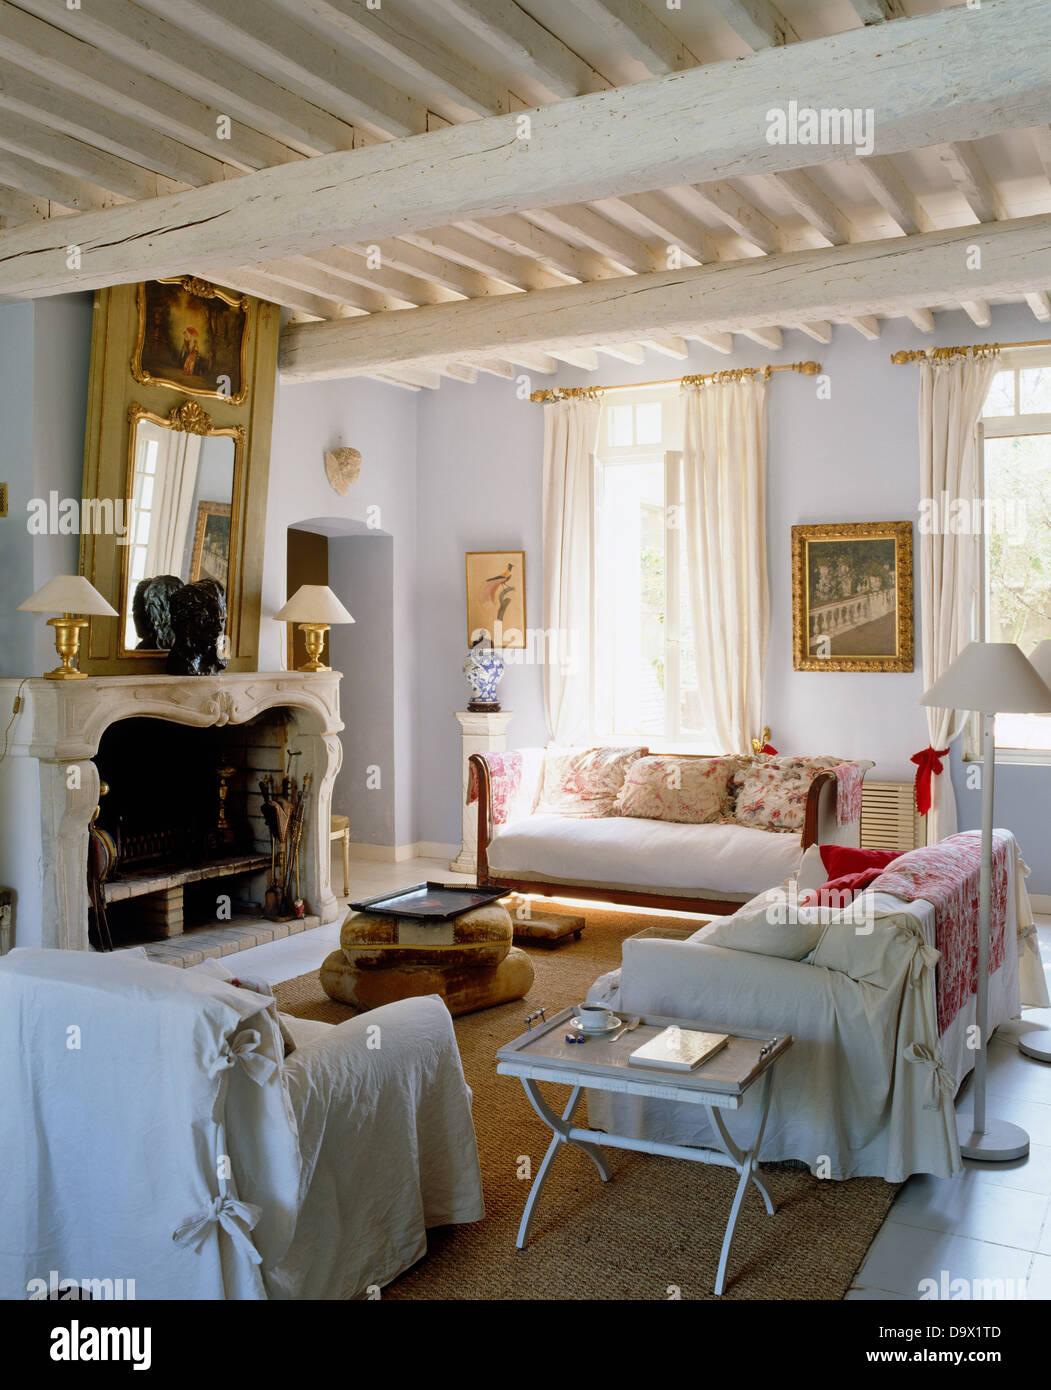 Weiß lose deckt auf Sessel und Sofas in französischer Landhaus ...